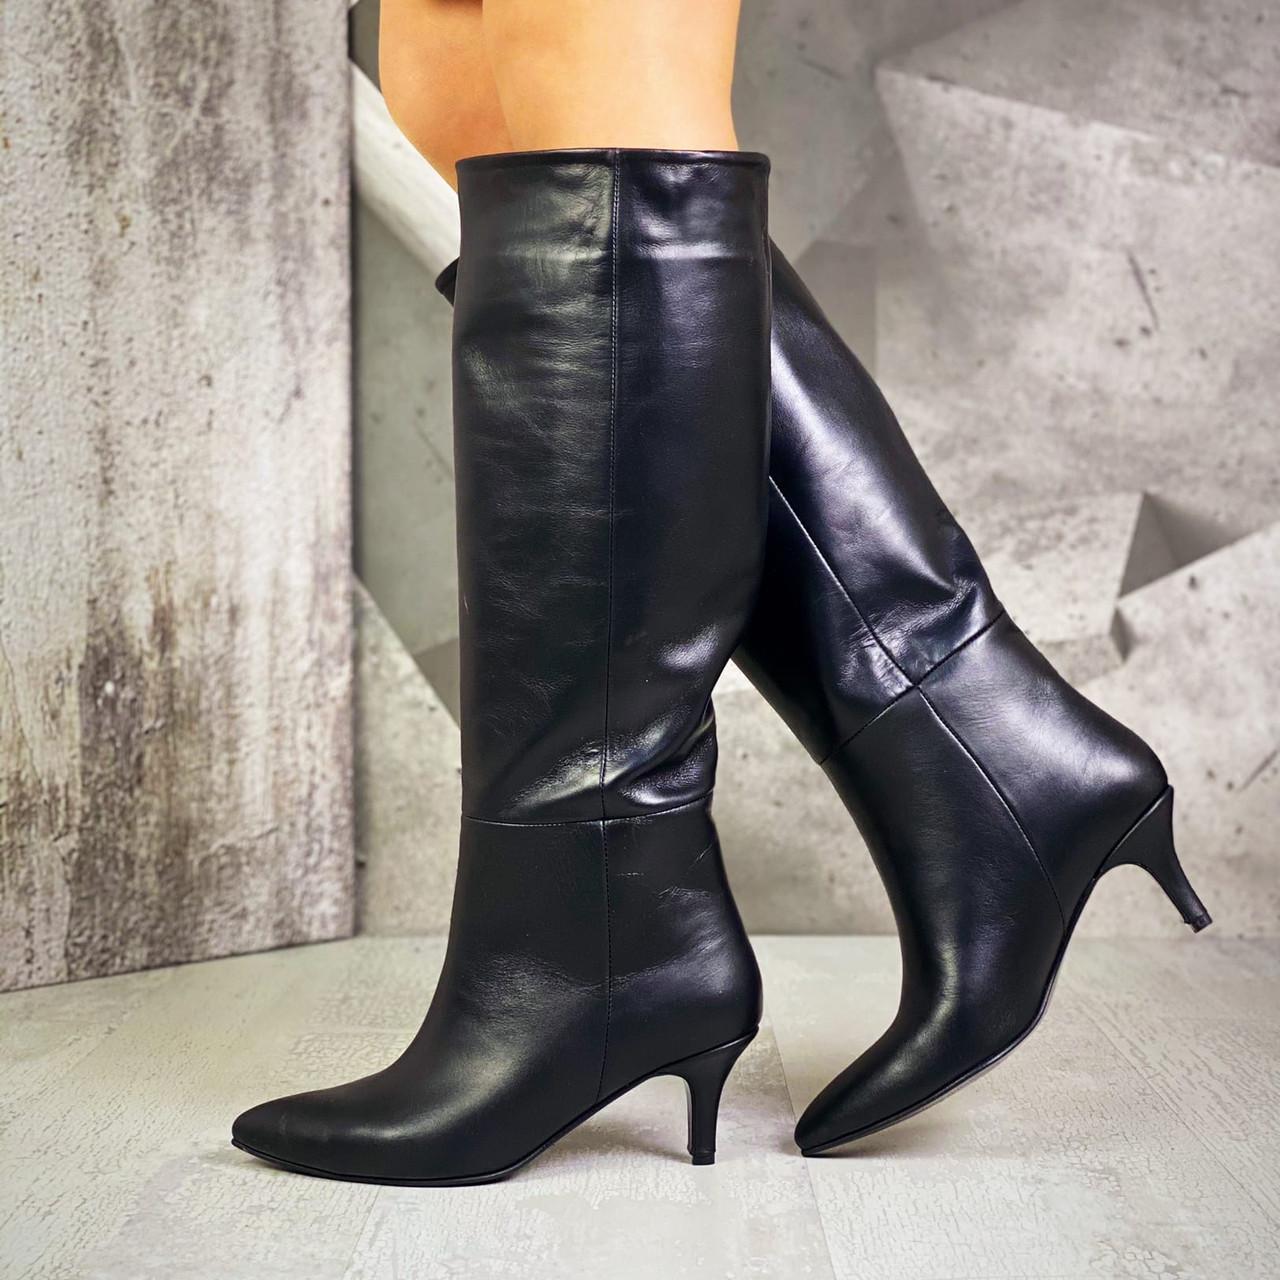 Женские кожаные демисезонные сапоги на мини шпильке 36-40 р чёрный